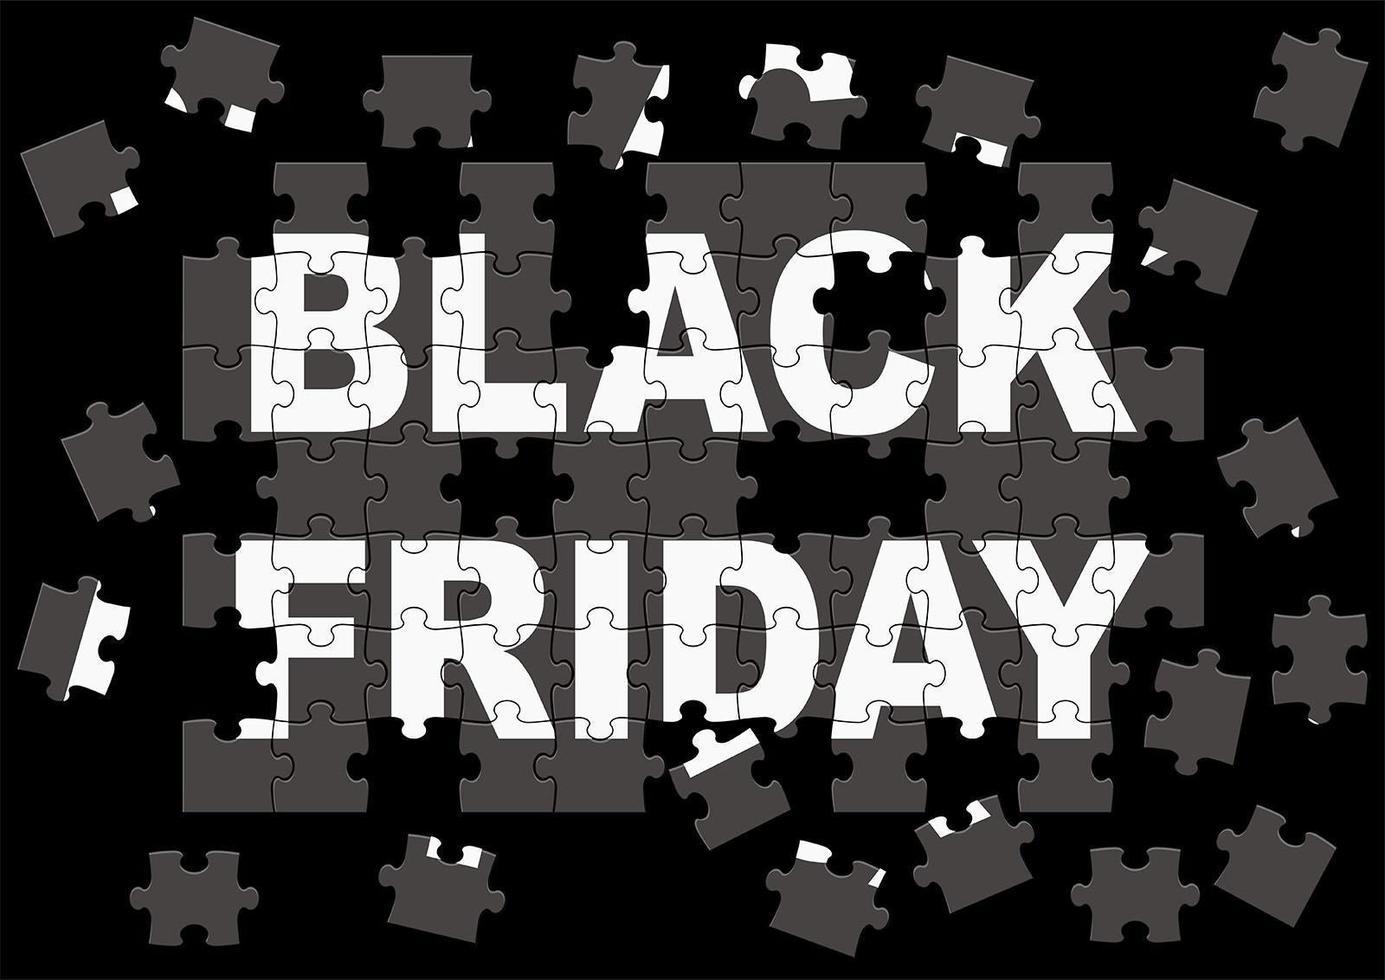 venerdì nero vendita jigsaw puzzle poster design vettore